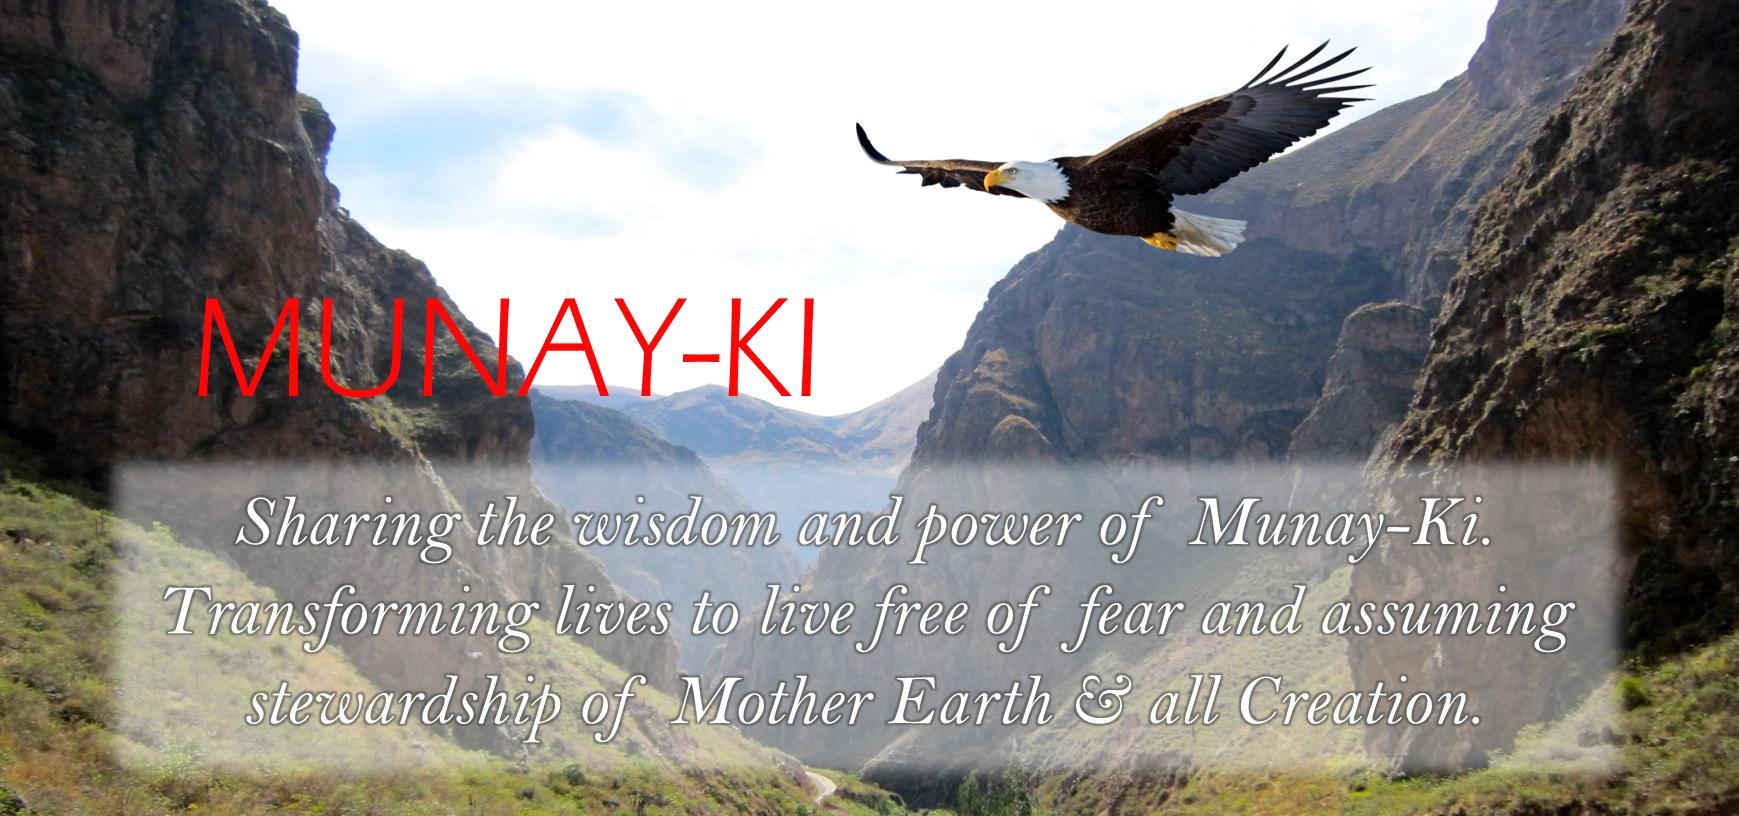 Munay-Ki poster